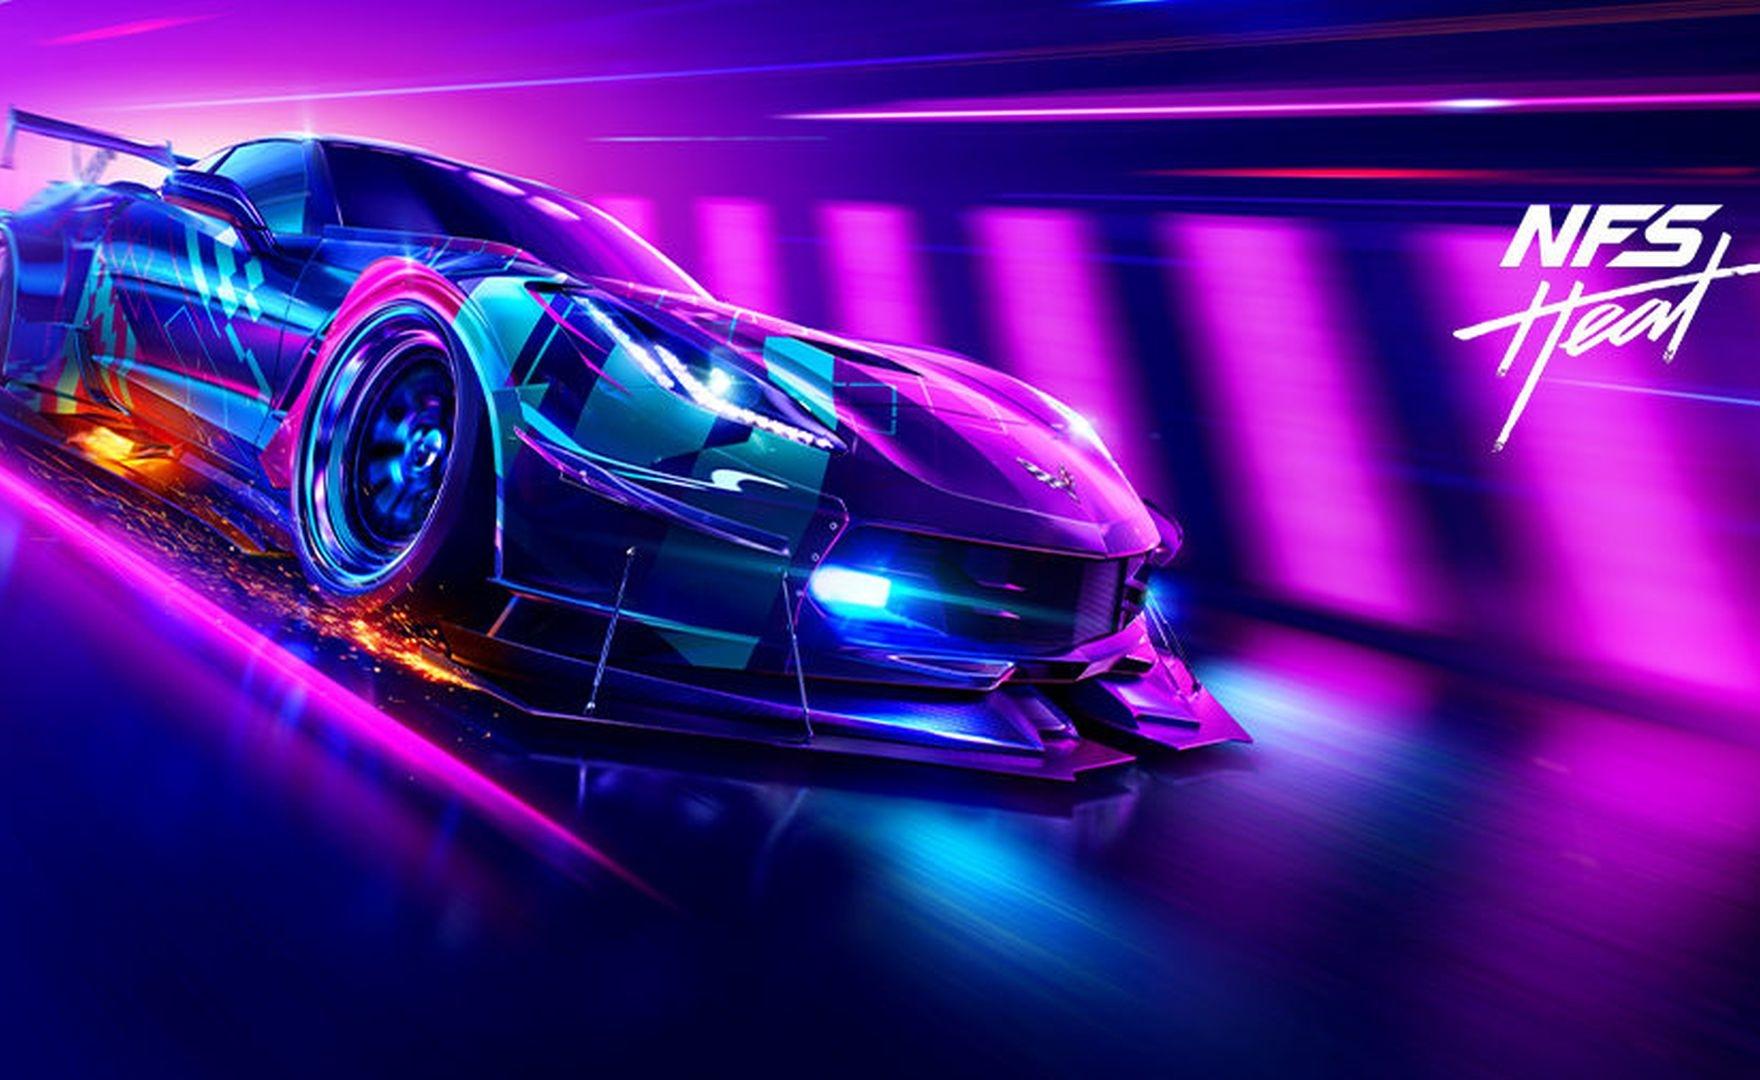 Need for Speed: EA rimuove alcuni capitoli dagli store, non saranno più acquistabili